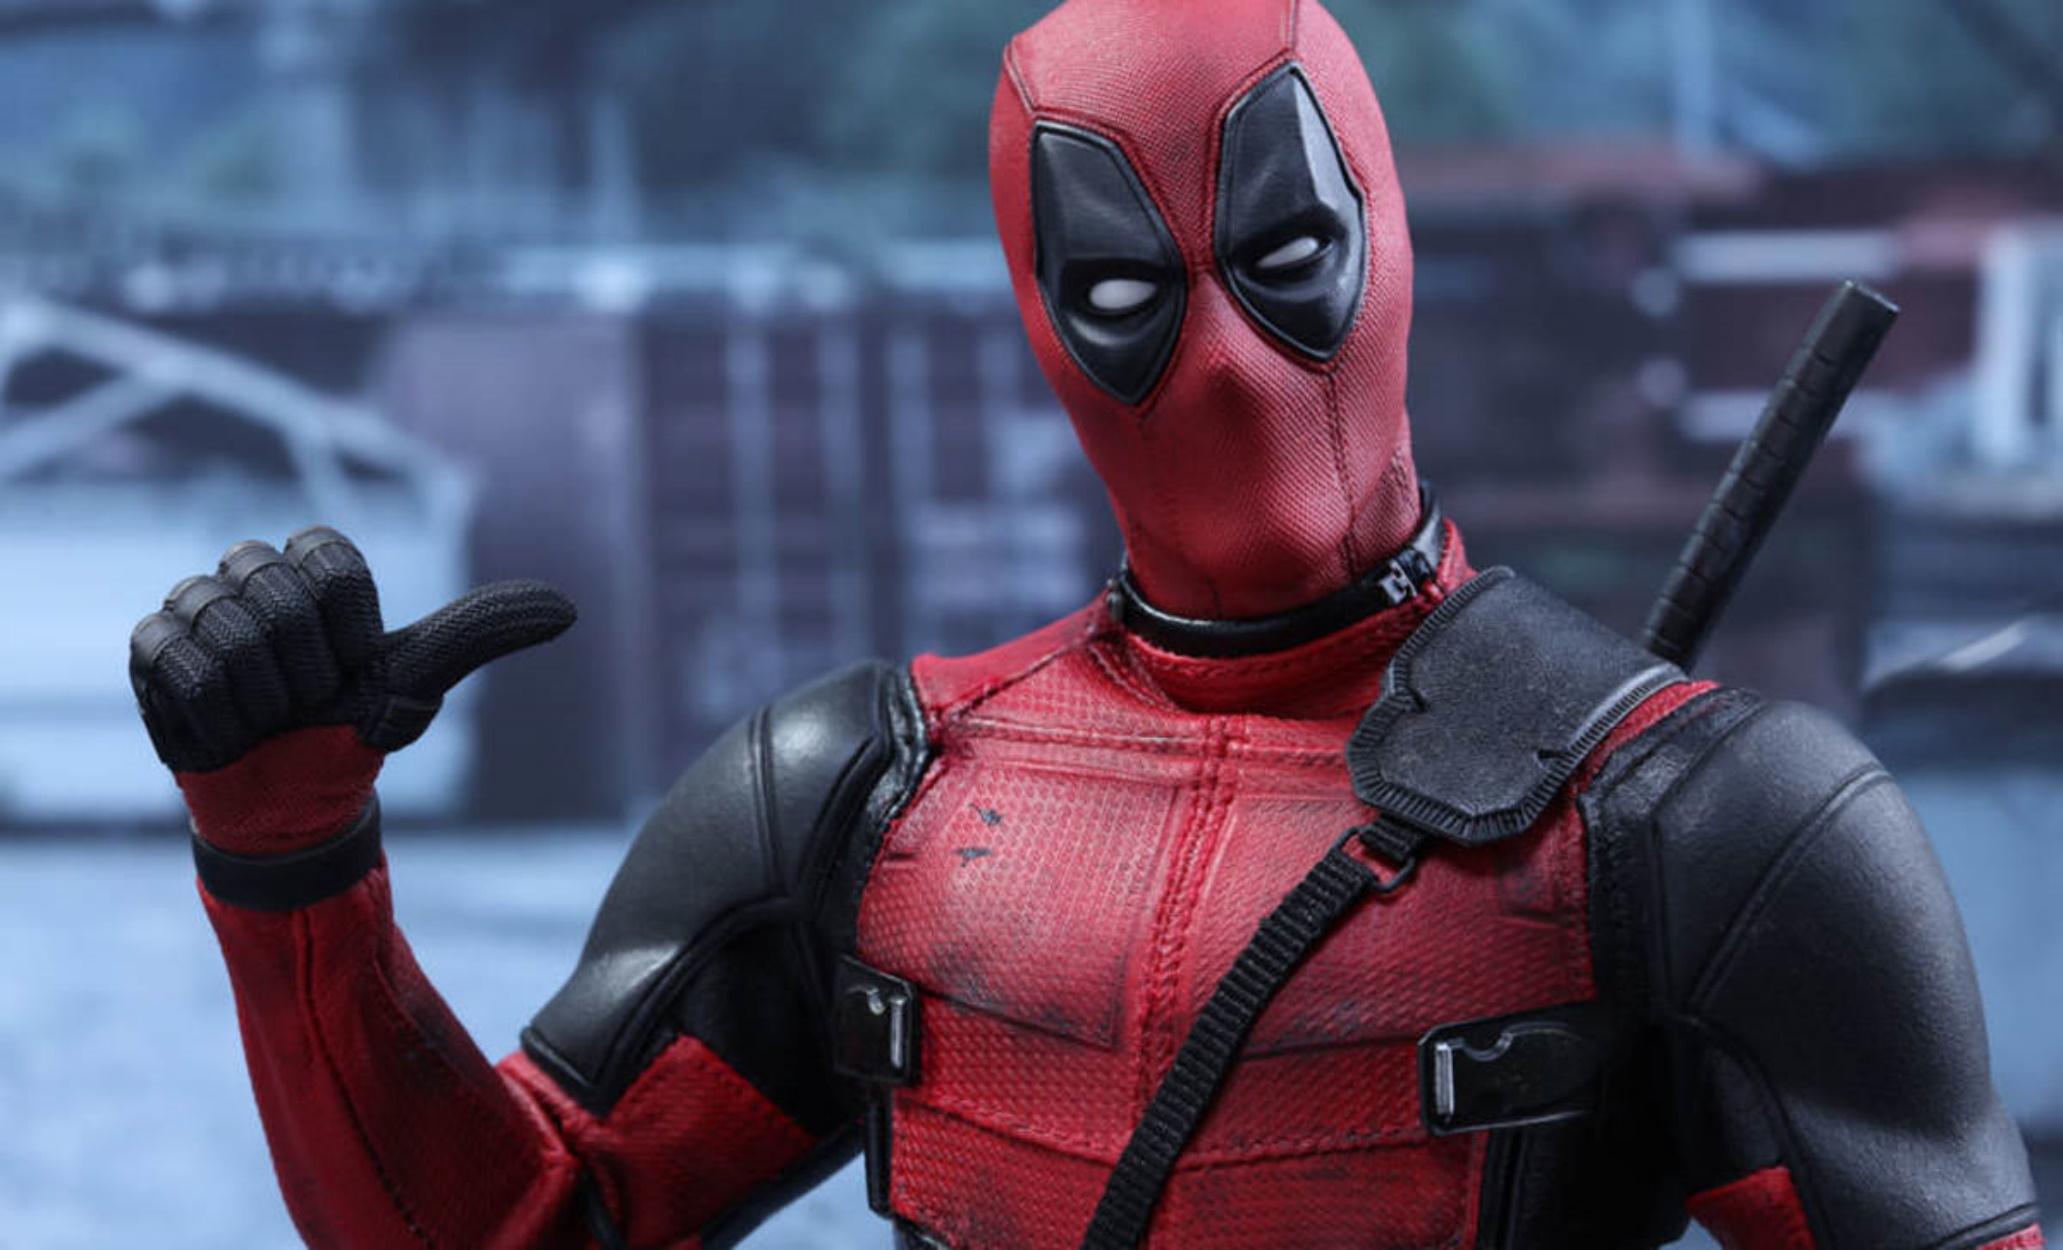 Αλεξιπτωτιστής ντύθηκε… Deadpool για να γιορτάσει την 100η πτήση του!